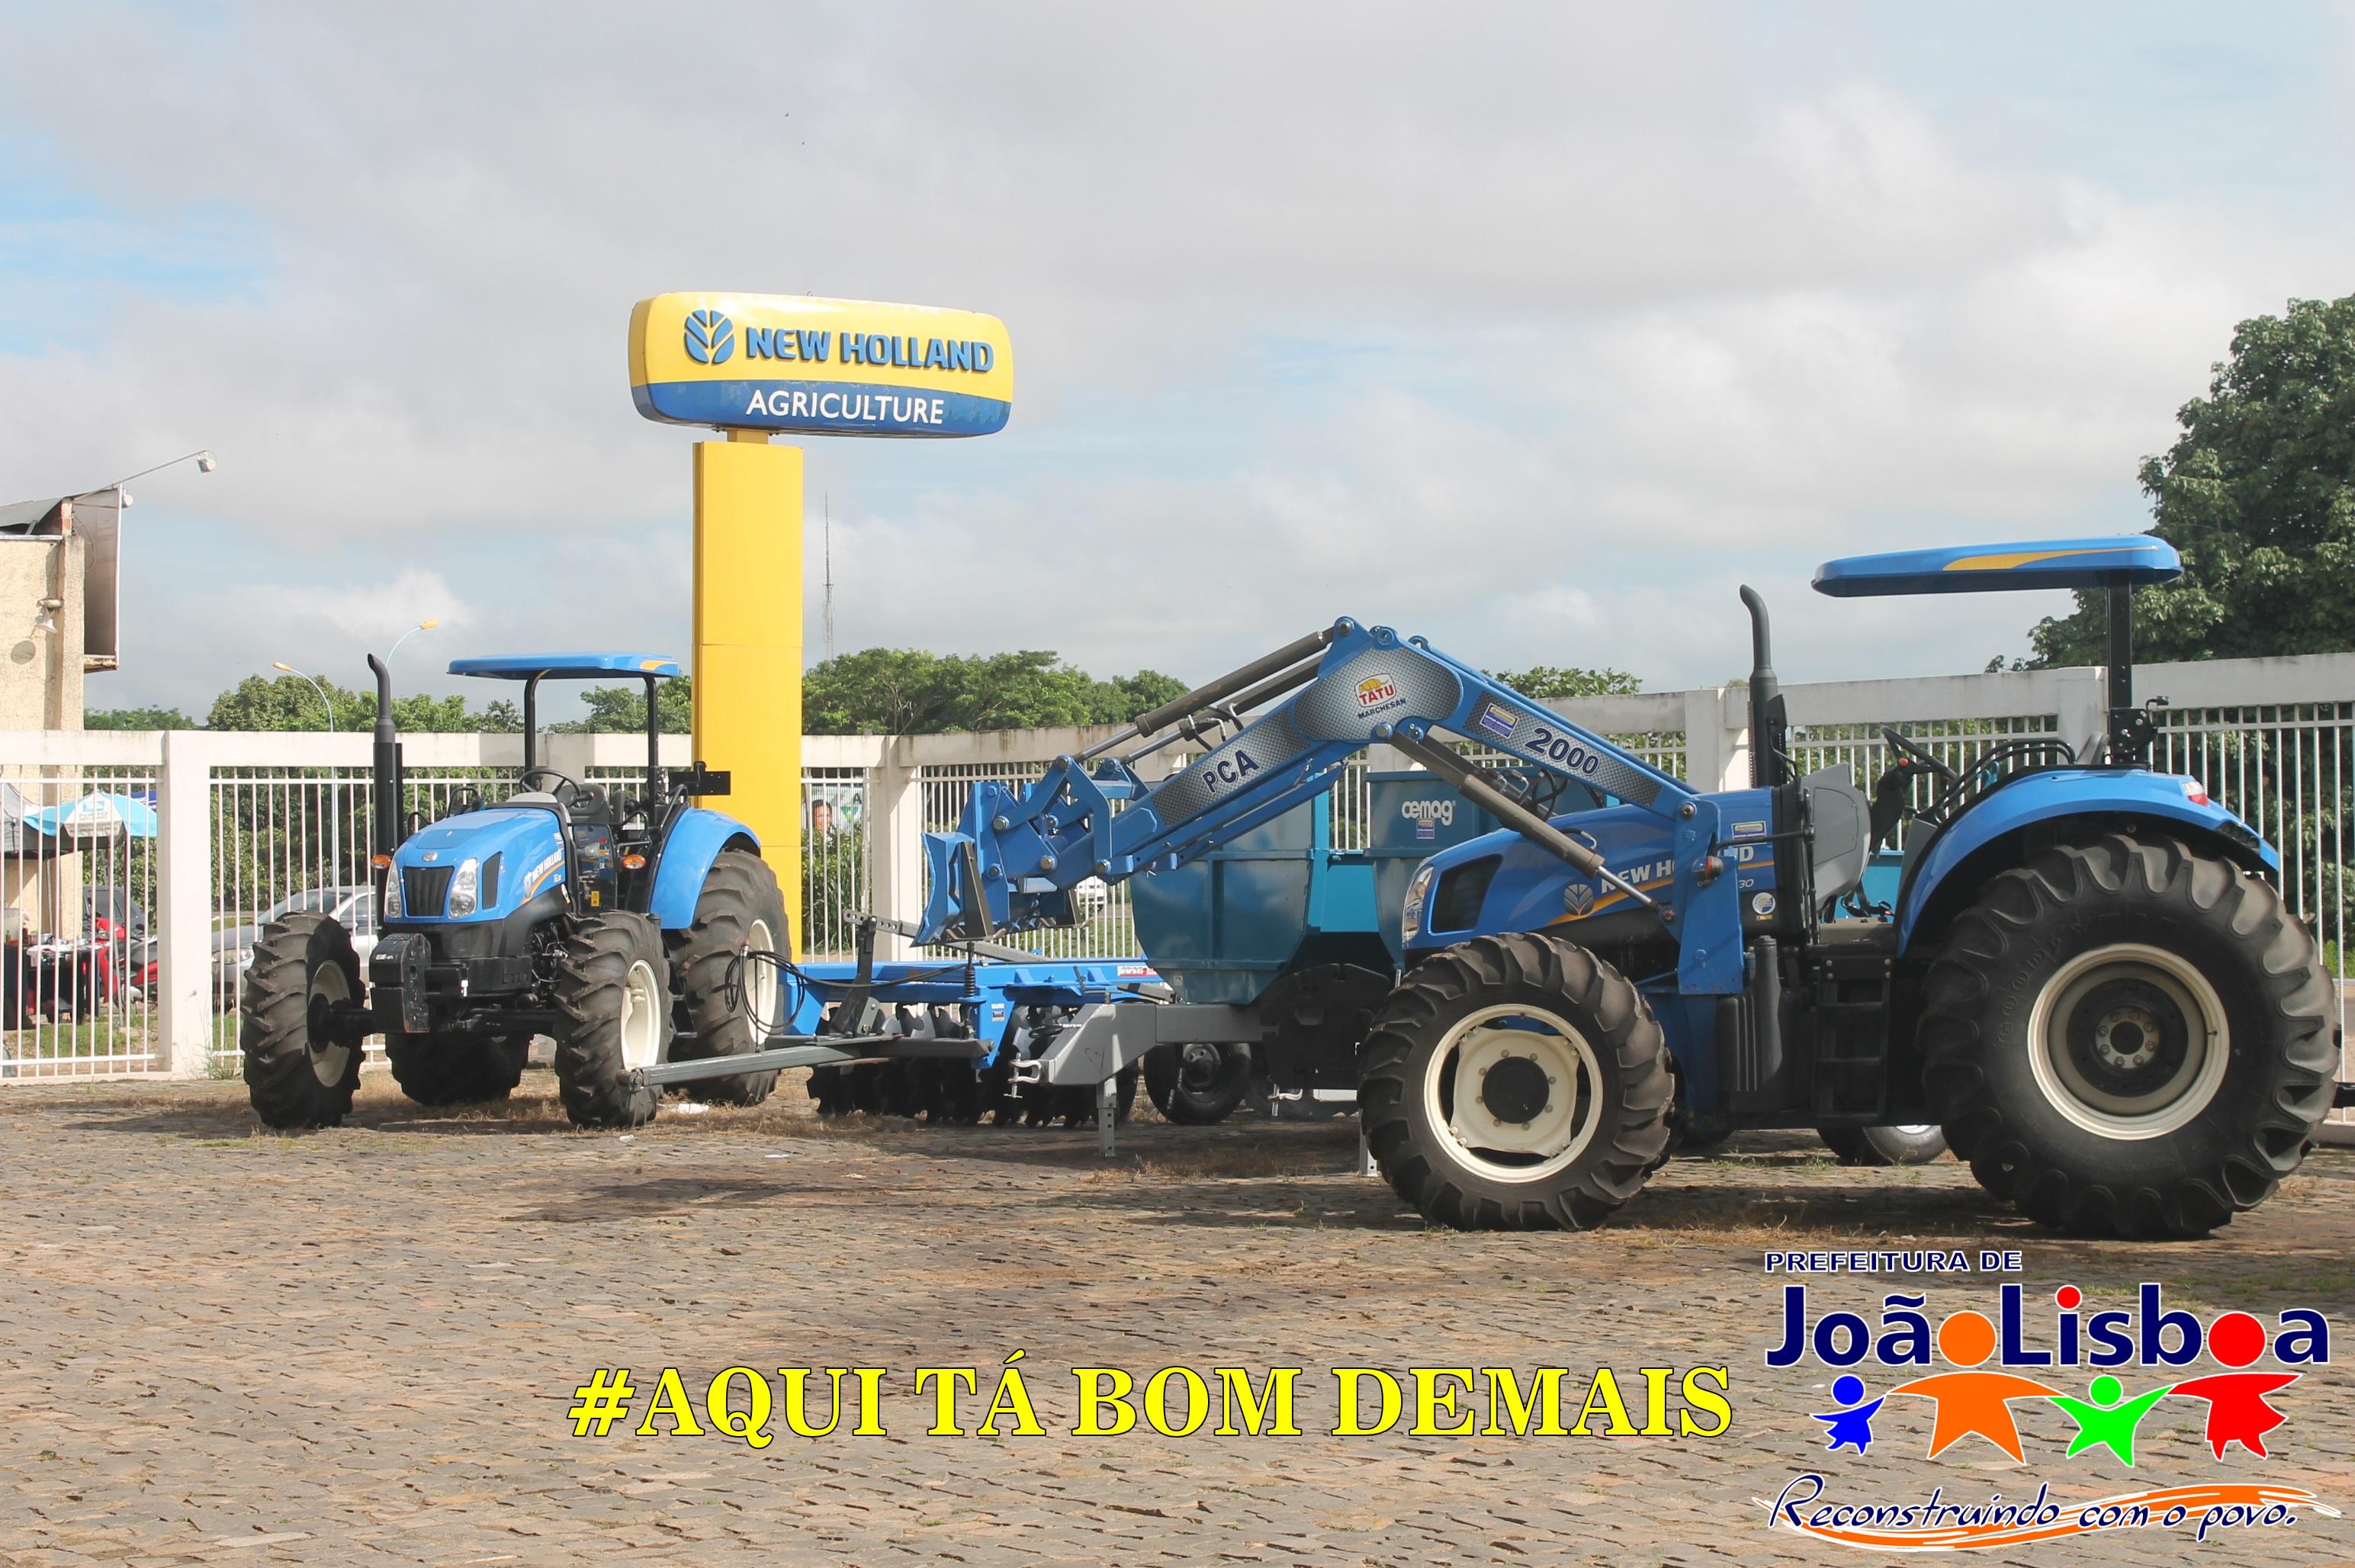 Prefeitura adquire novas máquinas agrícolas